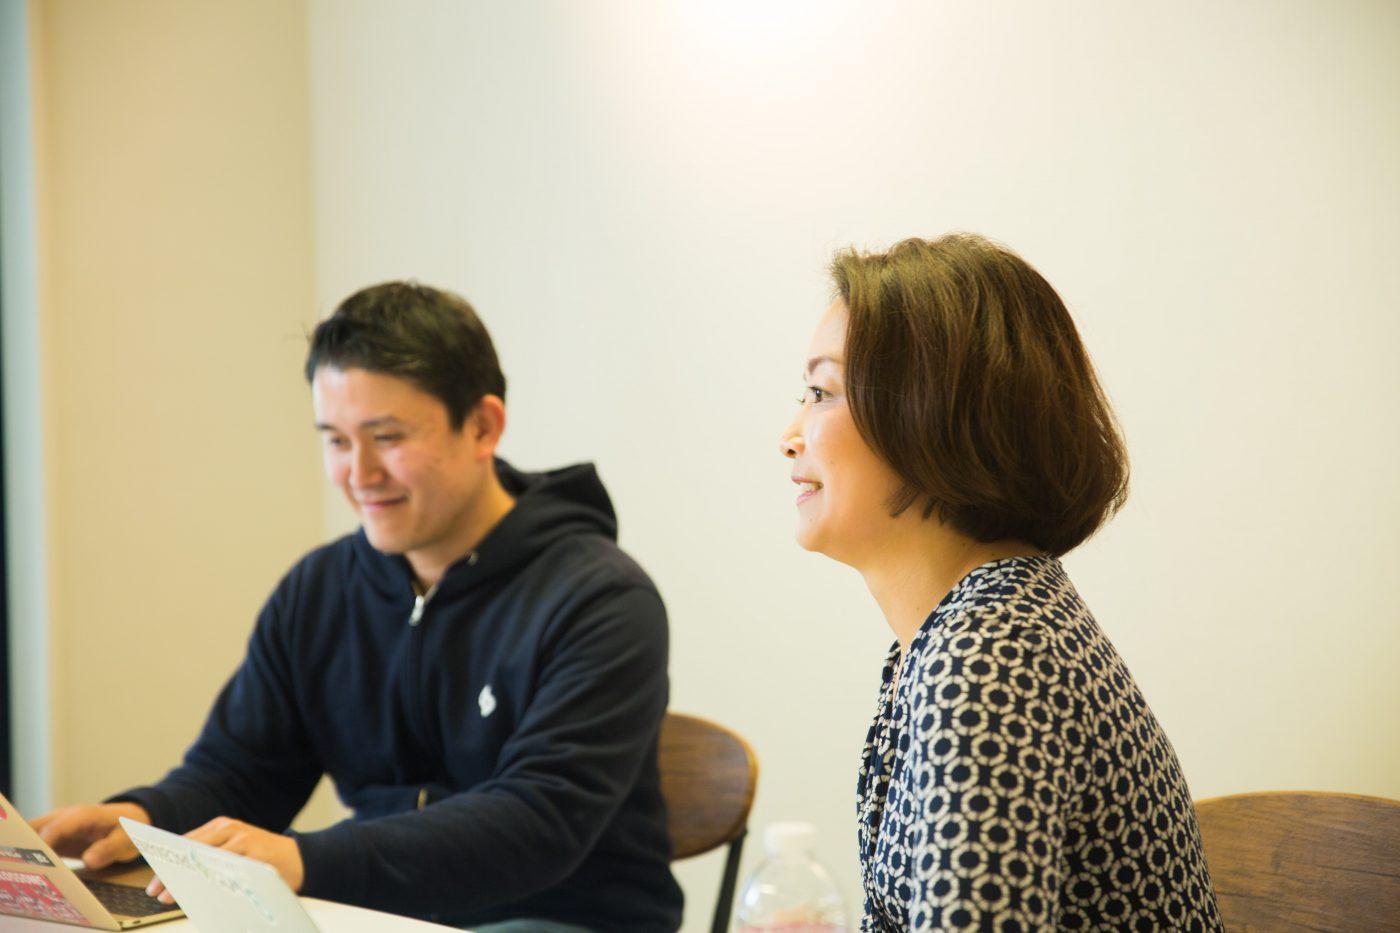 佐藤氏と重松氏にとって、起業することはお互いが目指す目標への手段だった。それでまずは重松が起業することになったが、その背景には、会社員としての仕事にやりがいを見出せなくなっていた夫を見かねた、佐藤氏の後押しがあった。